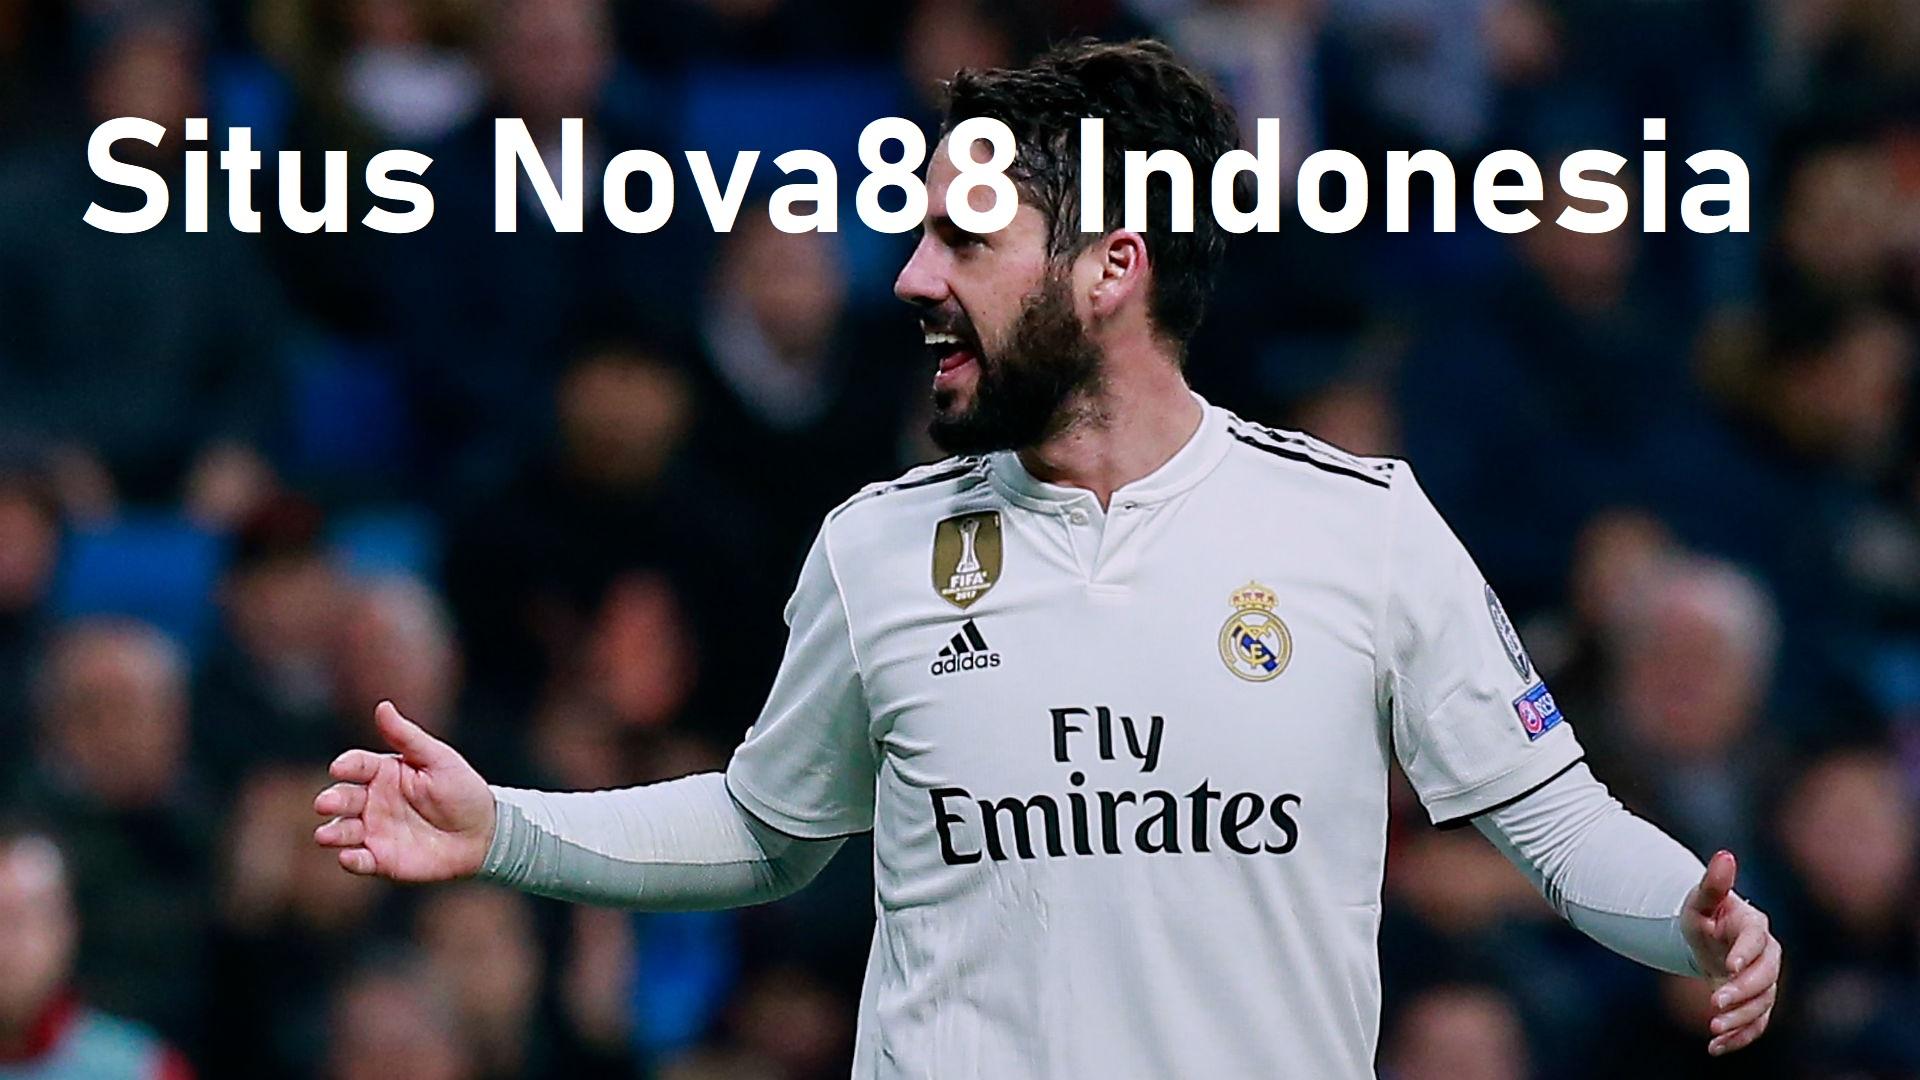 Situs Nova88 Indonesia